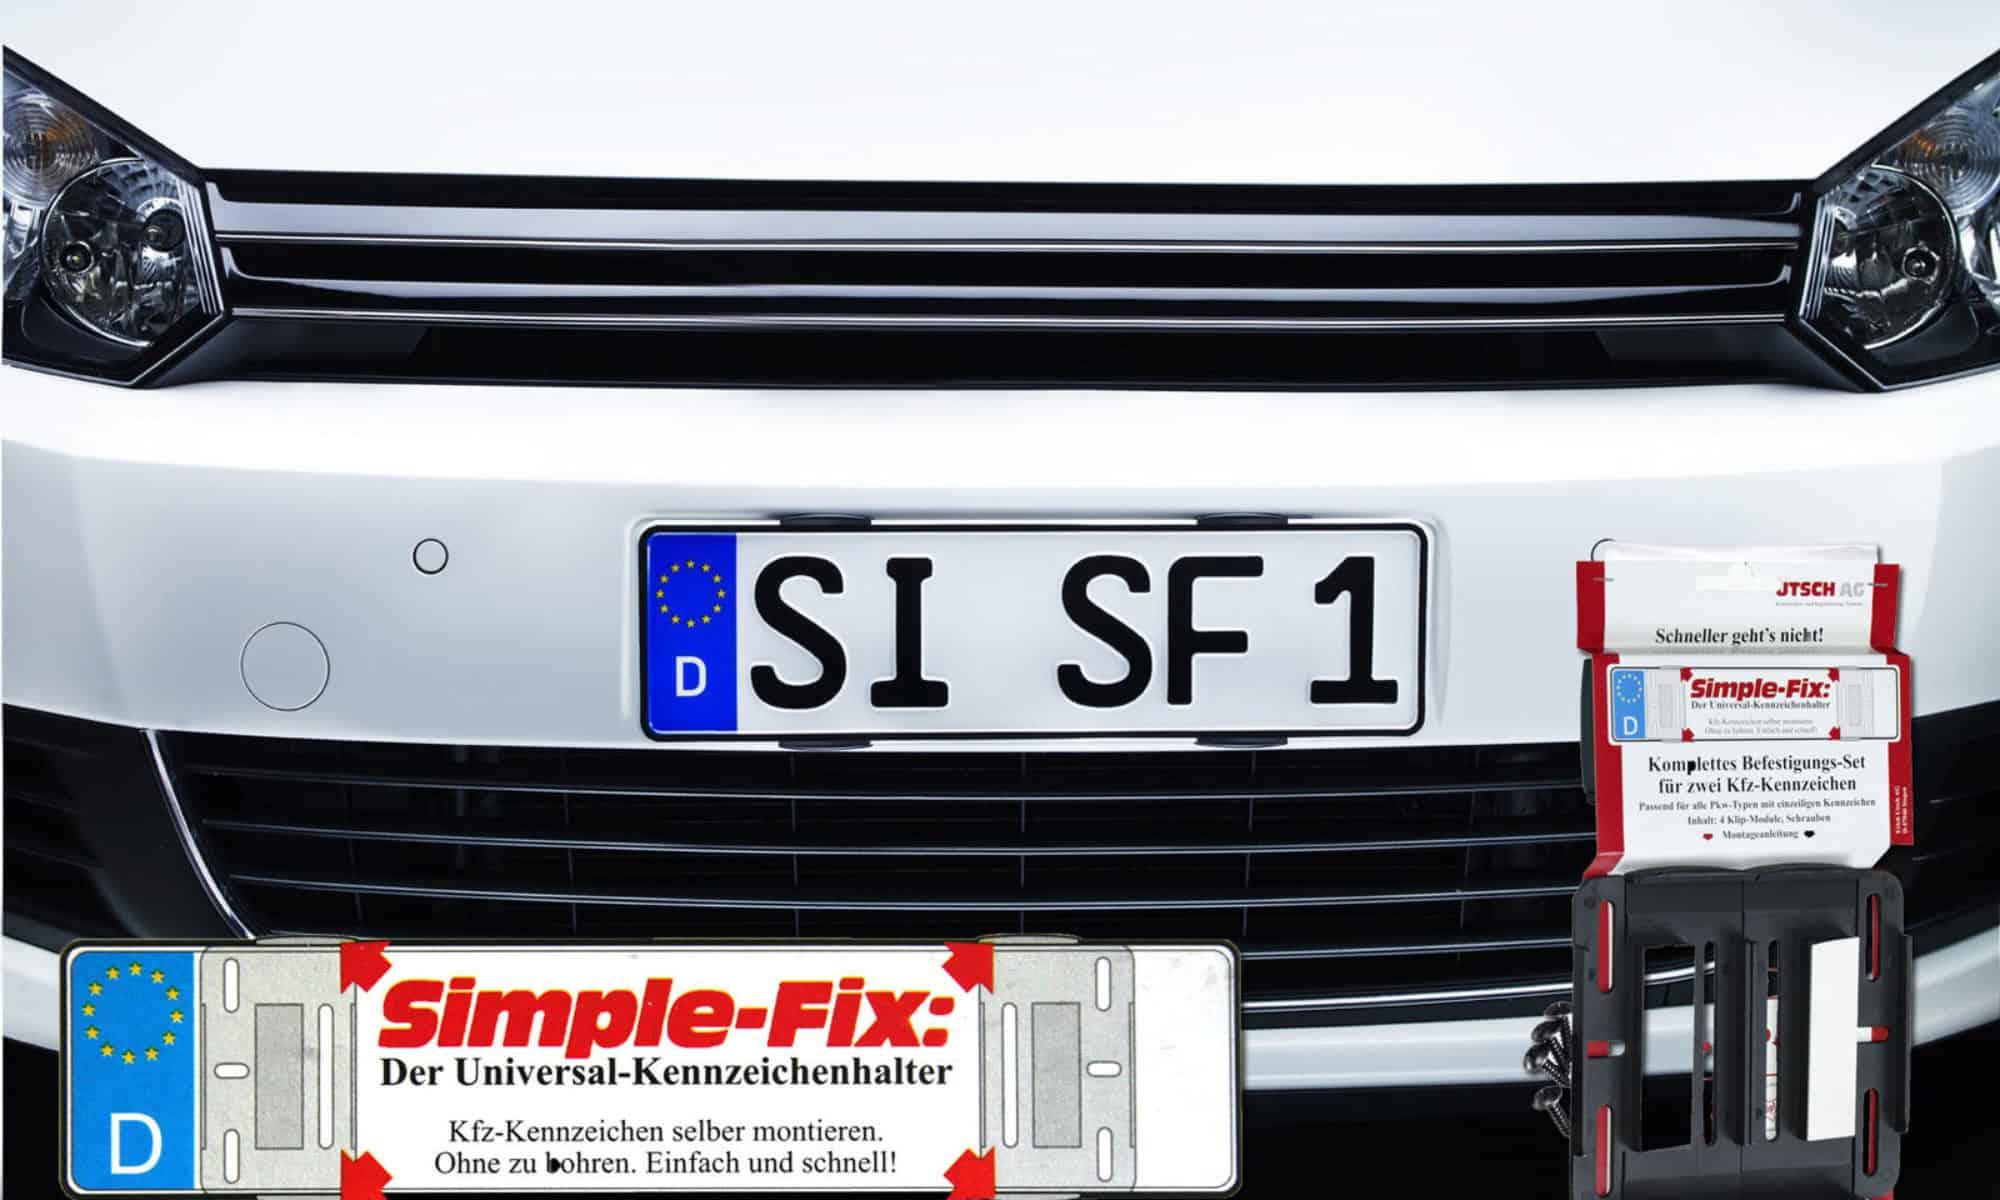 Krautdub | Audi, BMW, Autopflege, Motorsport